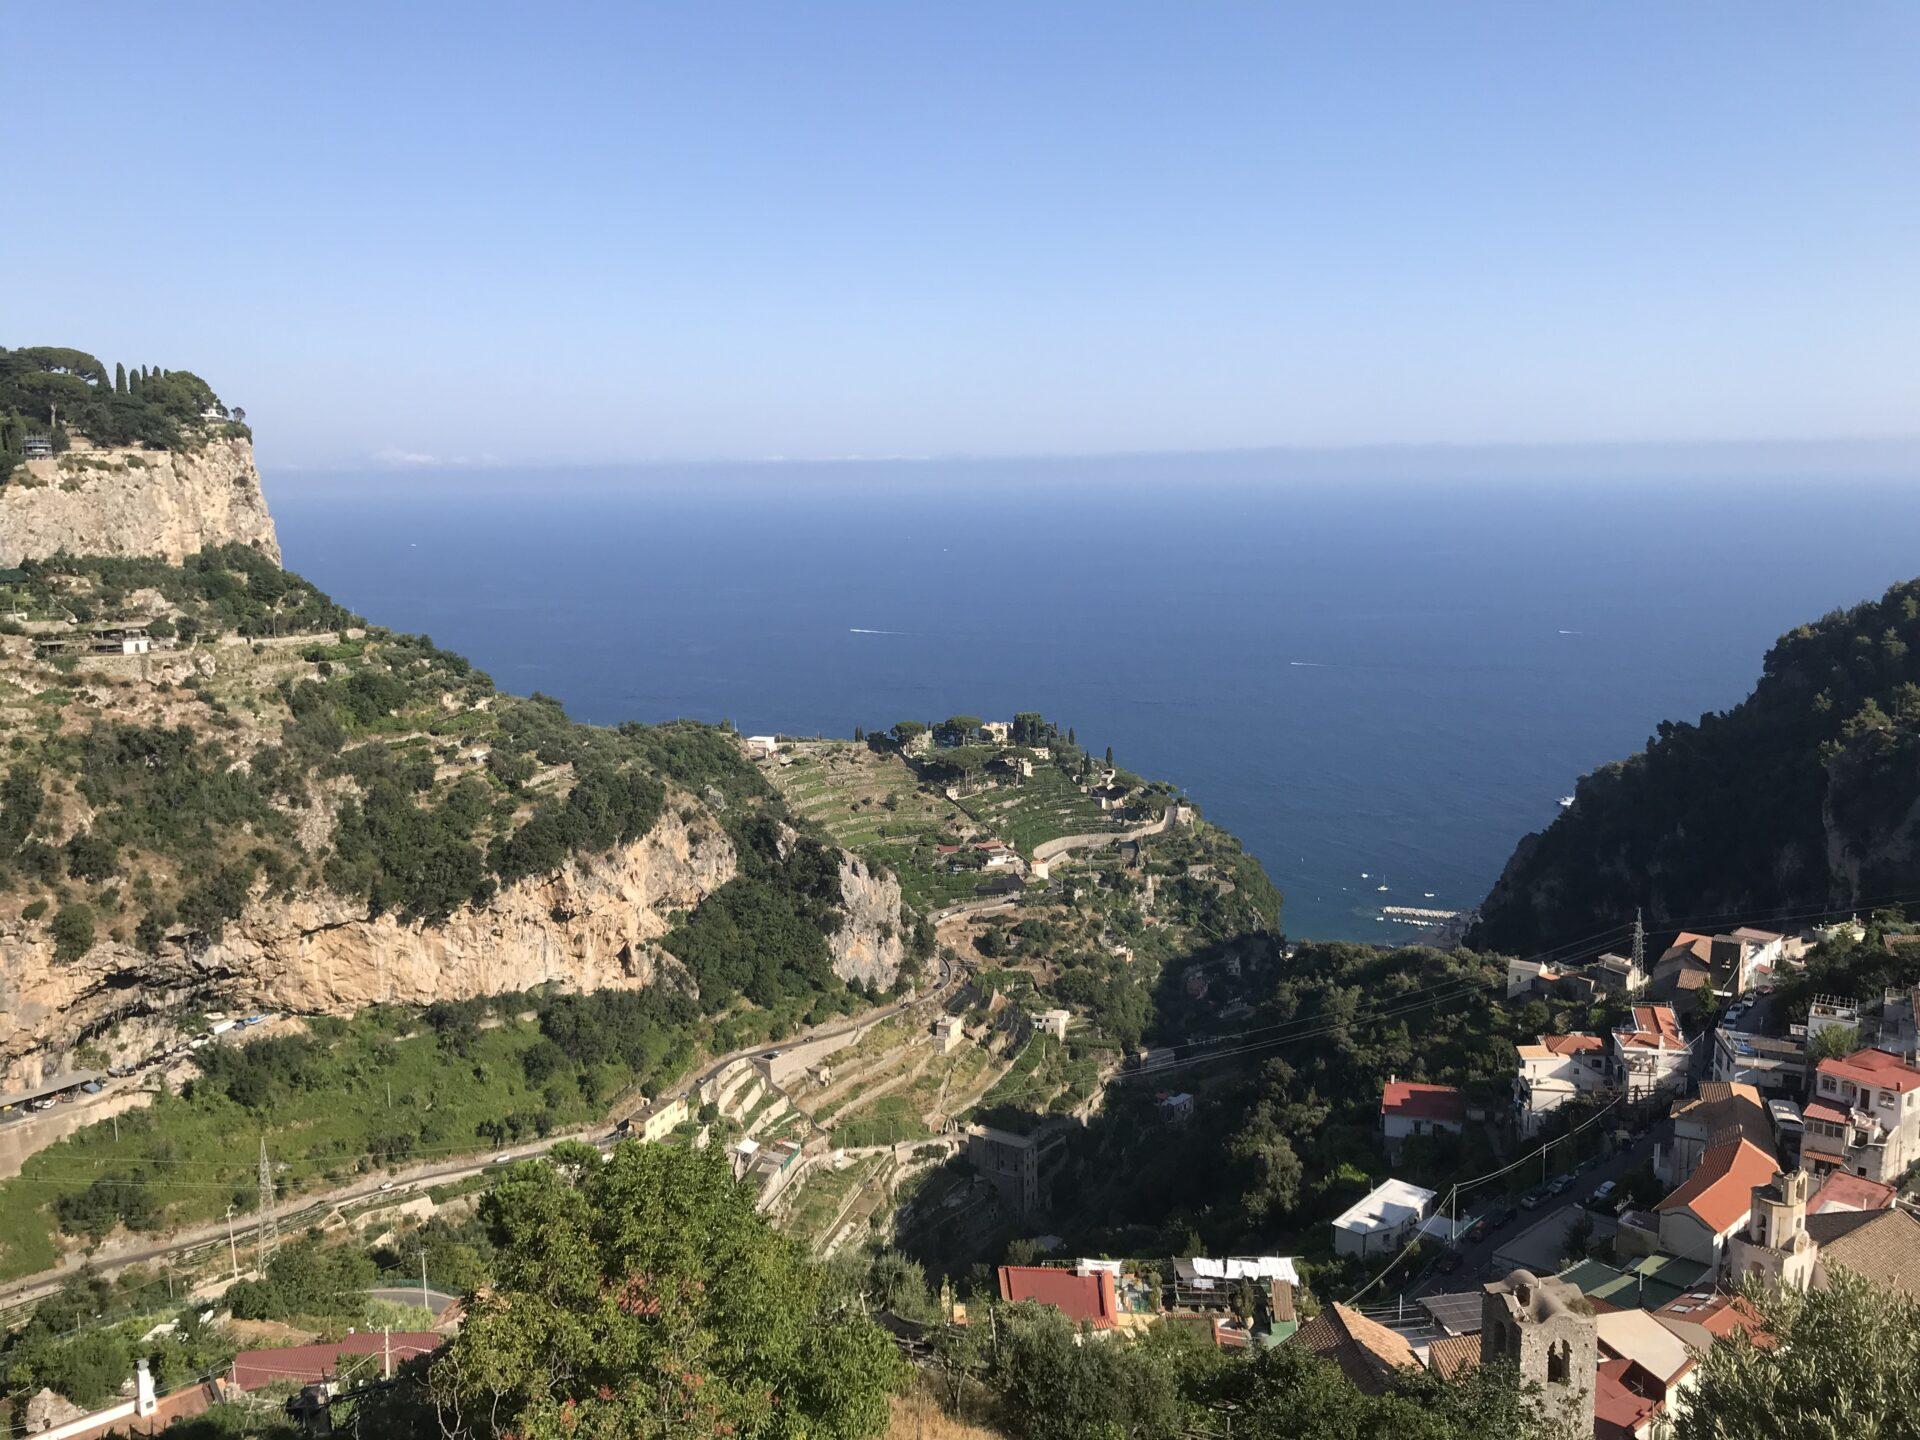 Blick in die Bucht von Atrani